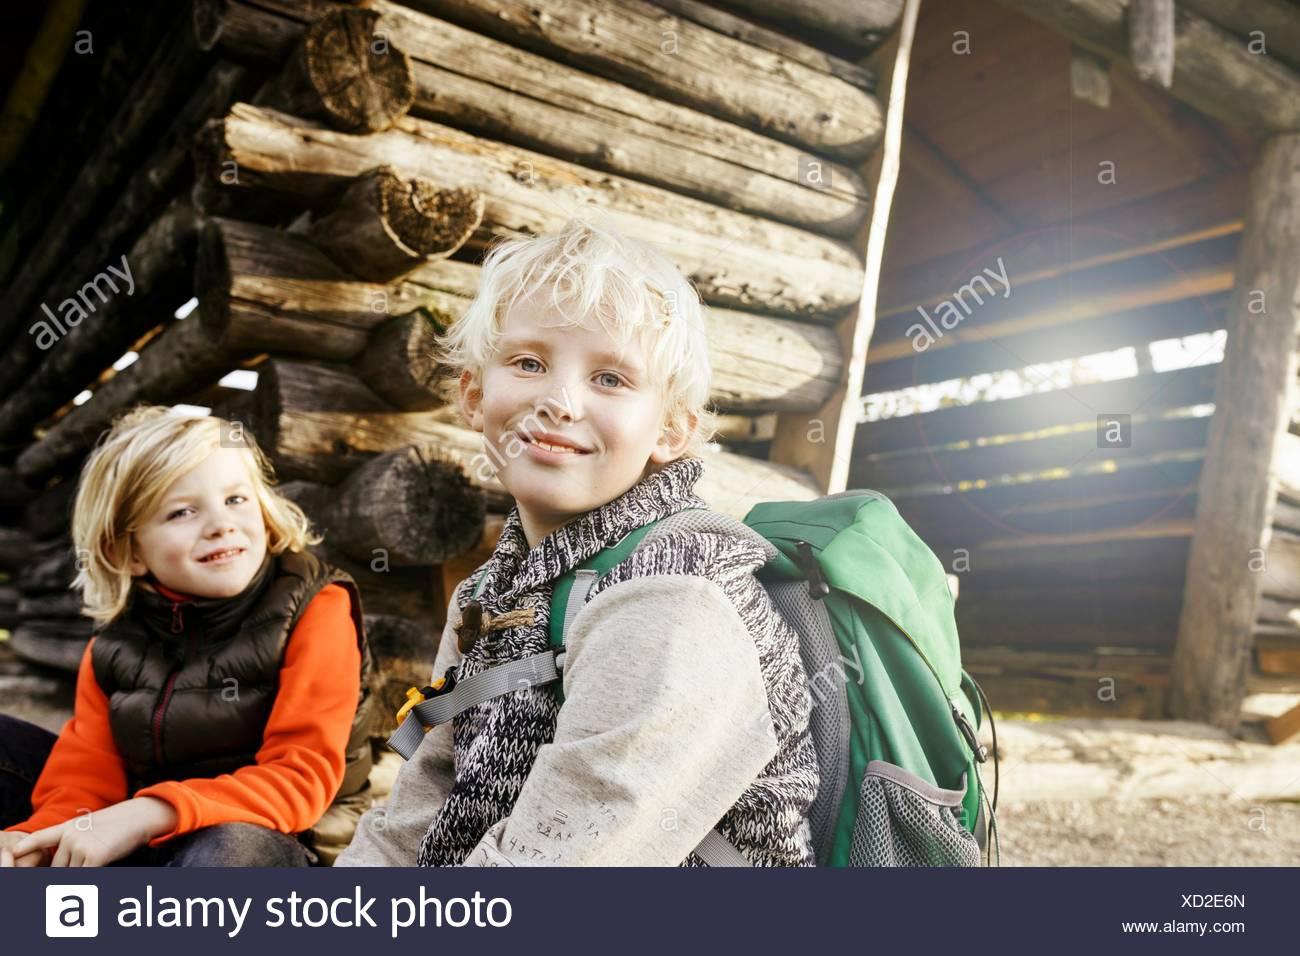 Rubio hermano y hermana sentado fuera de cabaña mirando a la cámara sonriendo Imagen De Stock